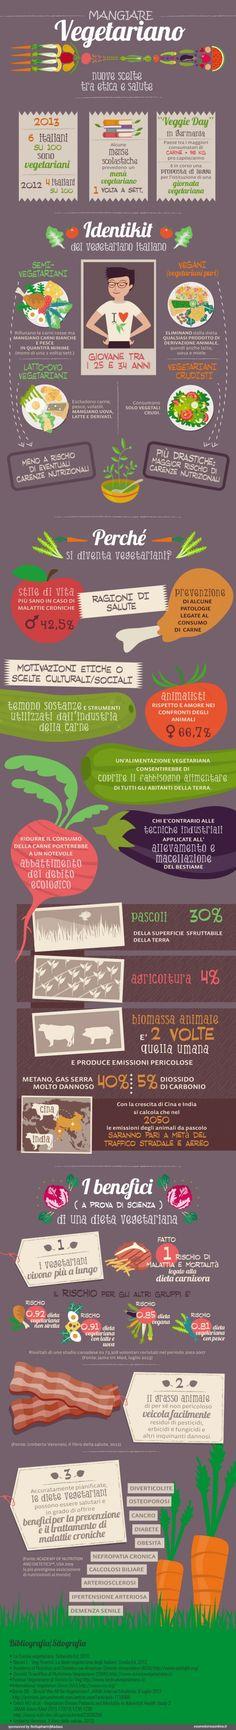 Mangiare Vegetariano: nuove scelte tra etica e salute - Esseredonnaonline